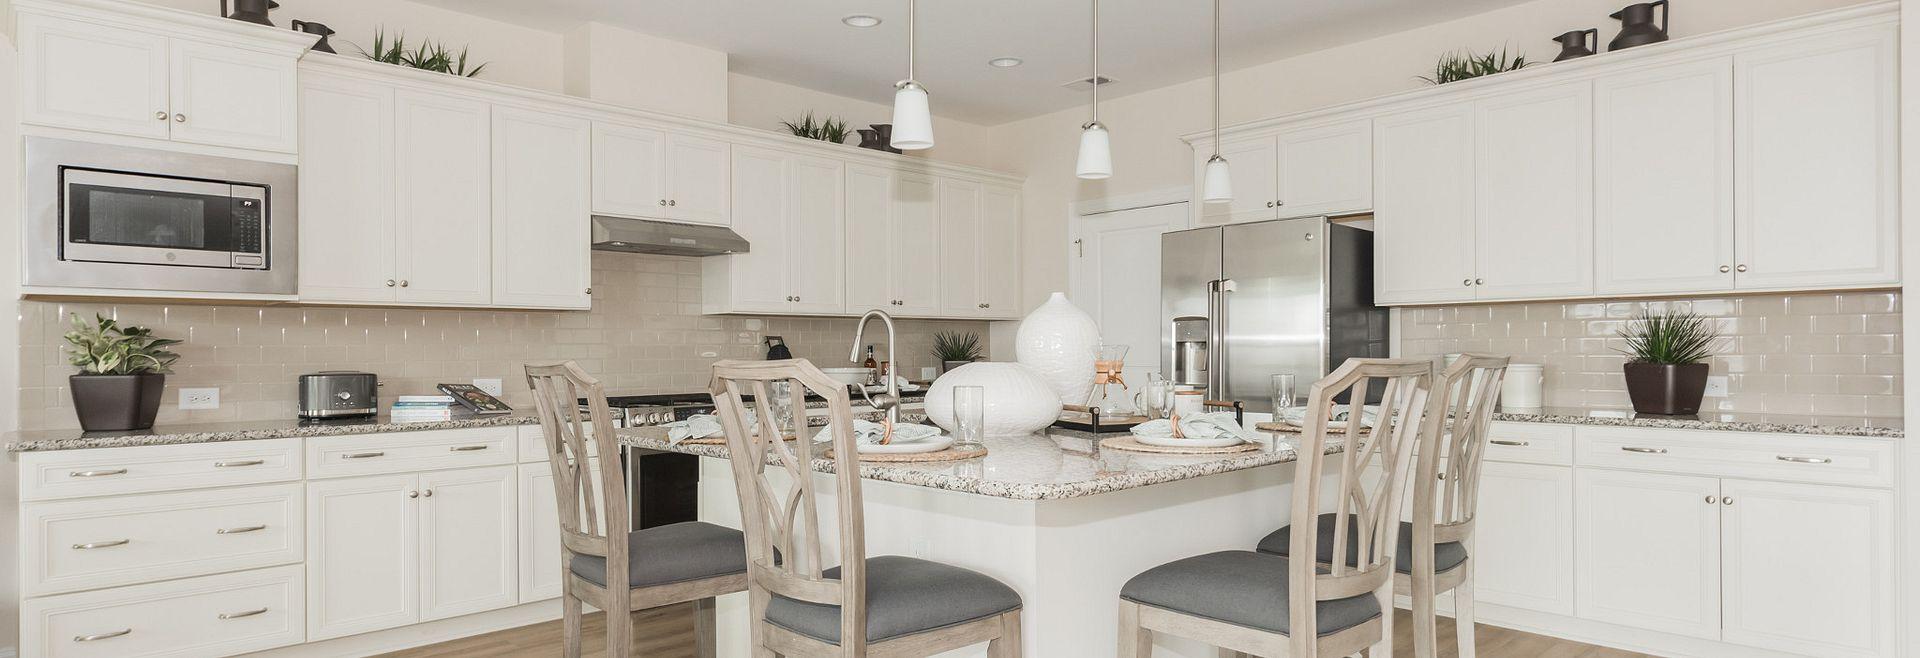 Trilogy Lake Norman Proclaim Plan Kitchen